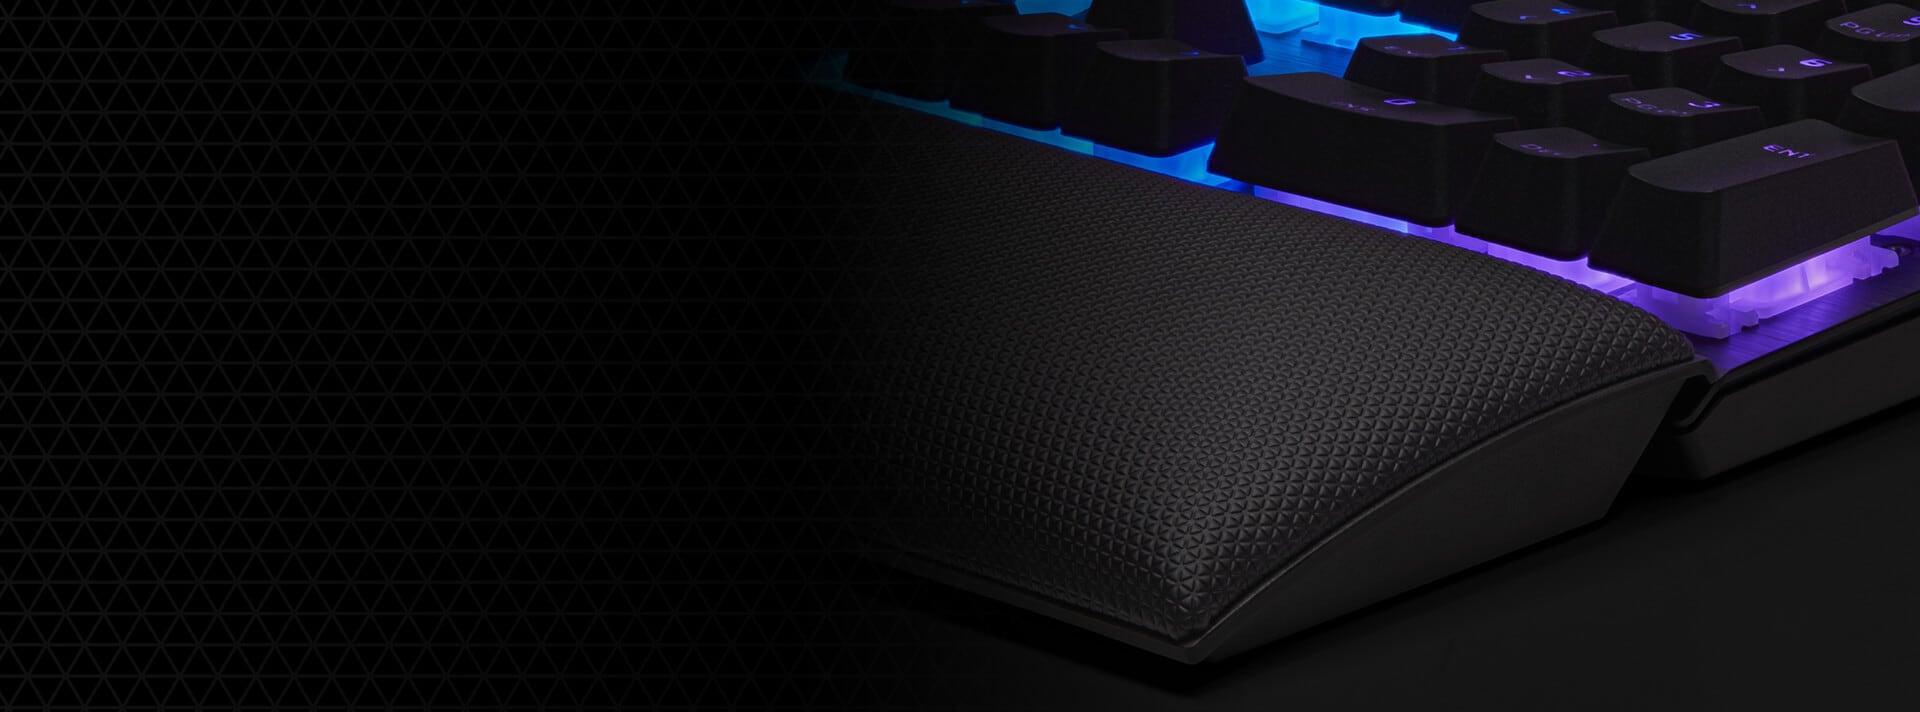 Bàn phím Corsair K60 PRO SE (USB/RGB LED/Cherry MX Viola) (CH-910D119-NA) tích hợp kê tay chống mỏi tiện lợi